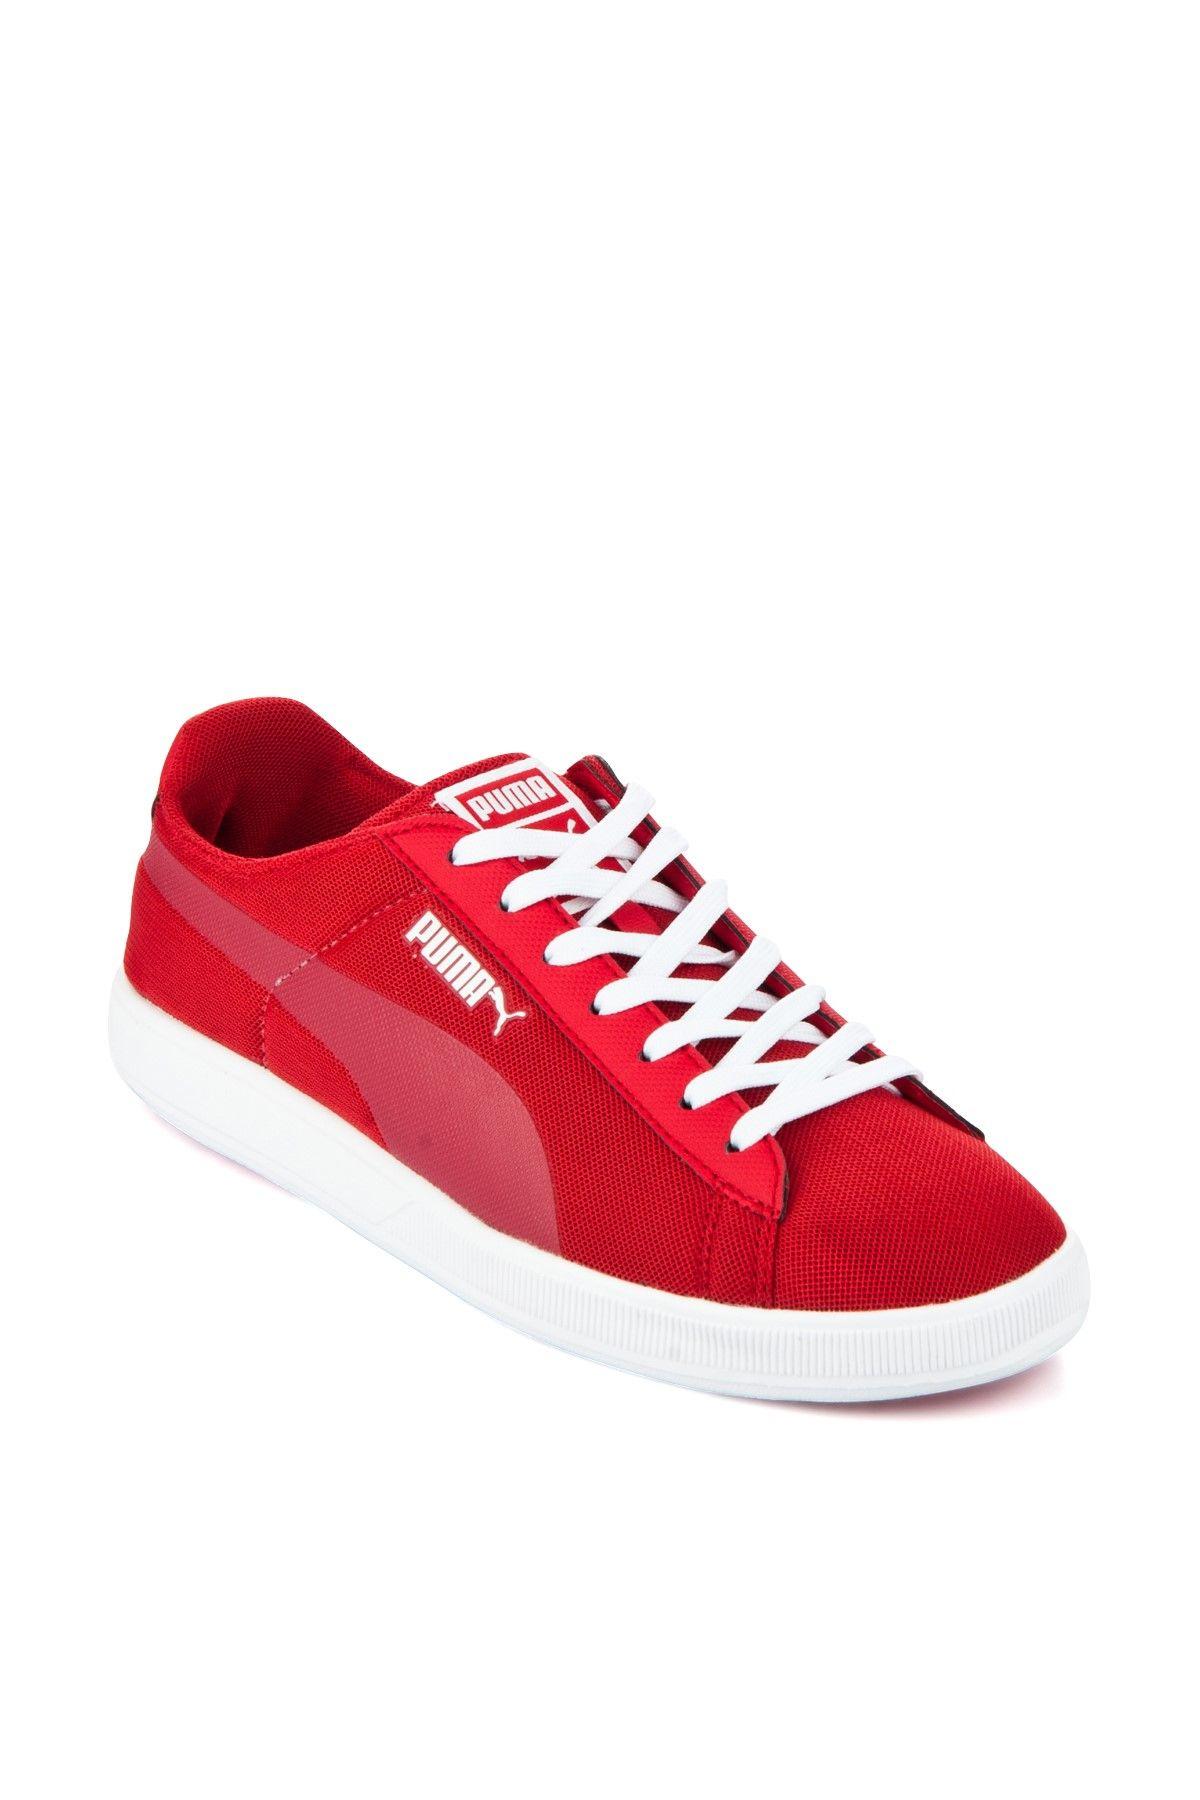 d4835eec199af Erkek Spor Ayakkabı - 35588510 Puma | Trendyol | ayyakkabılar ...